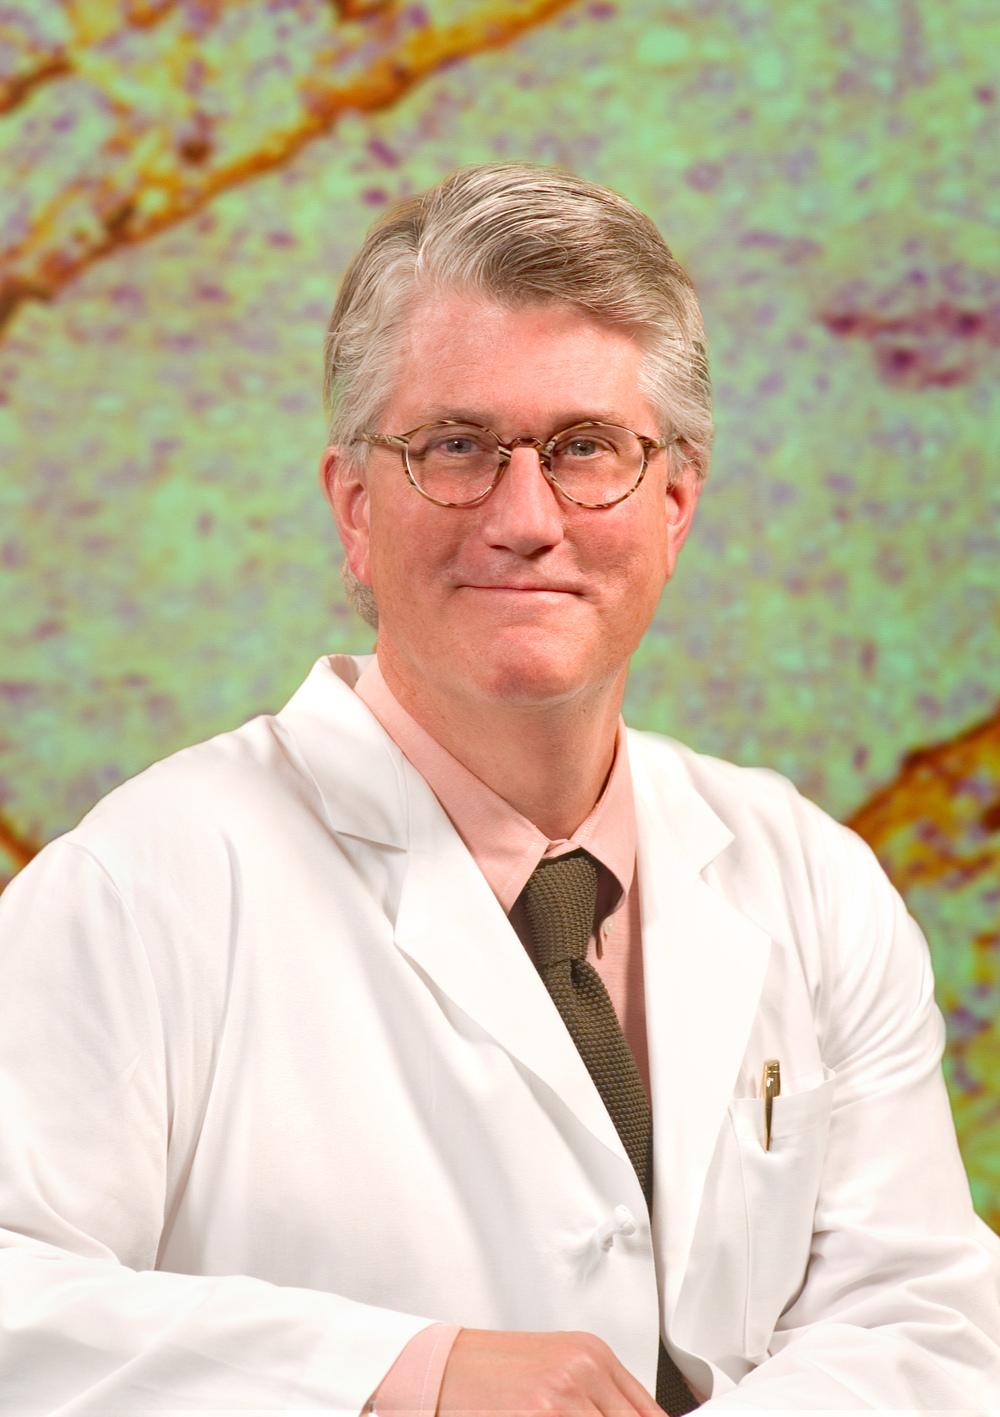 Dana Farber doctor